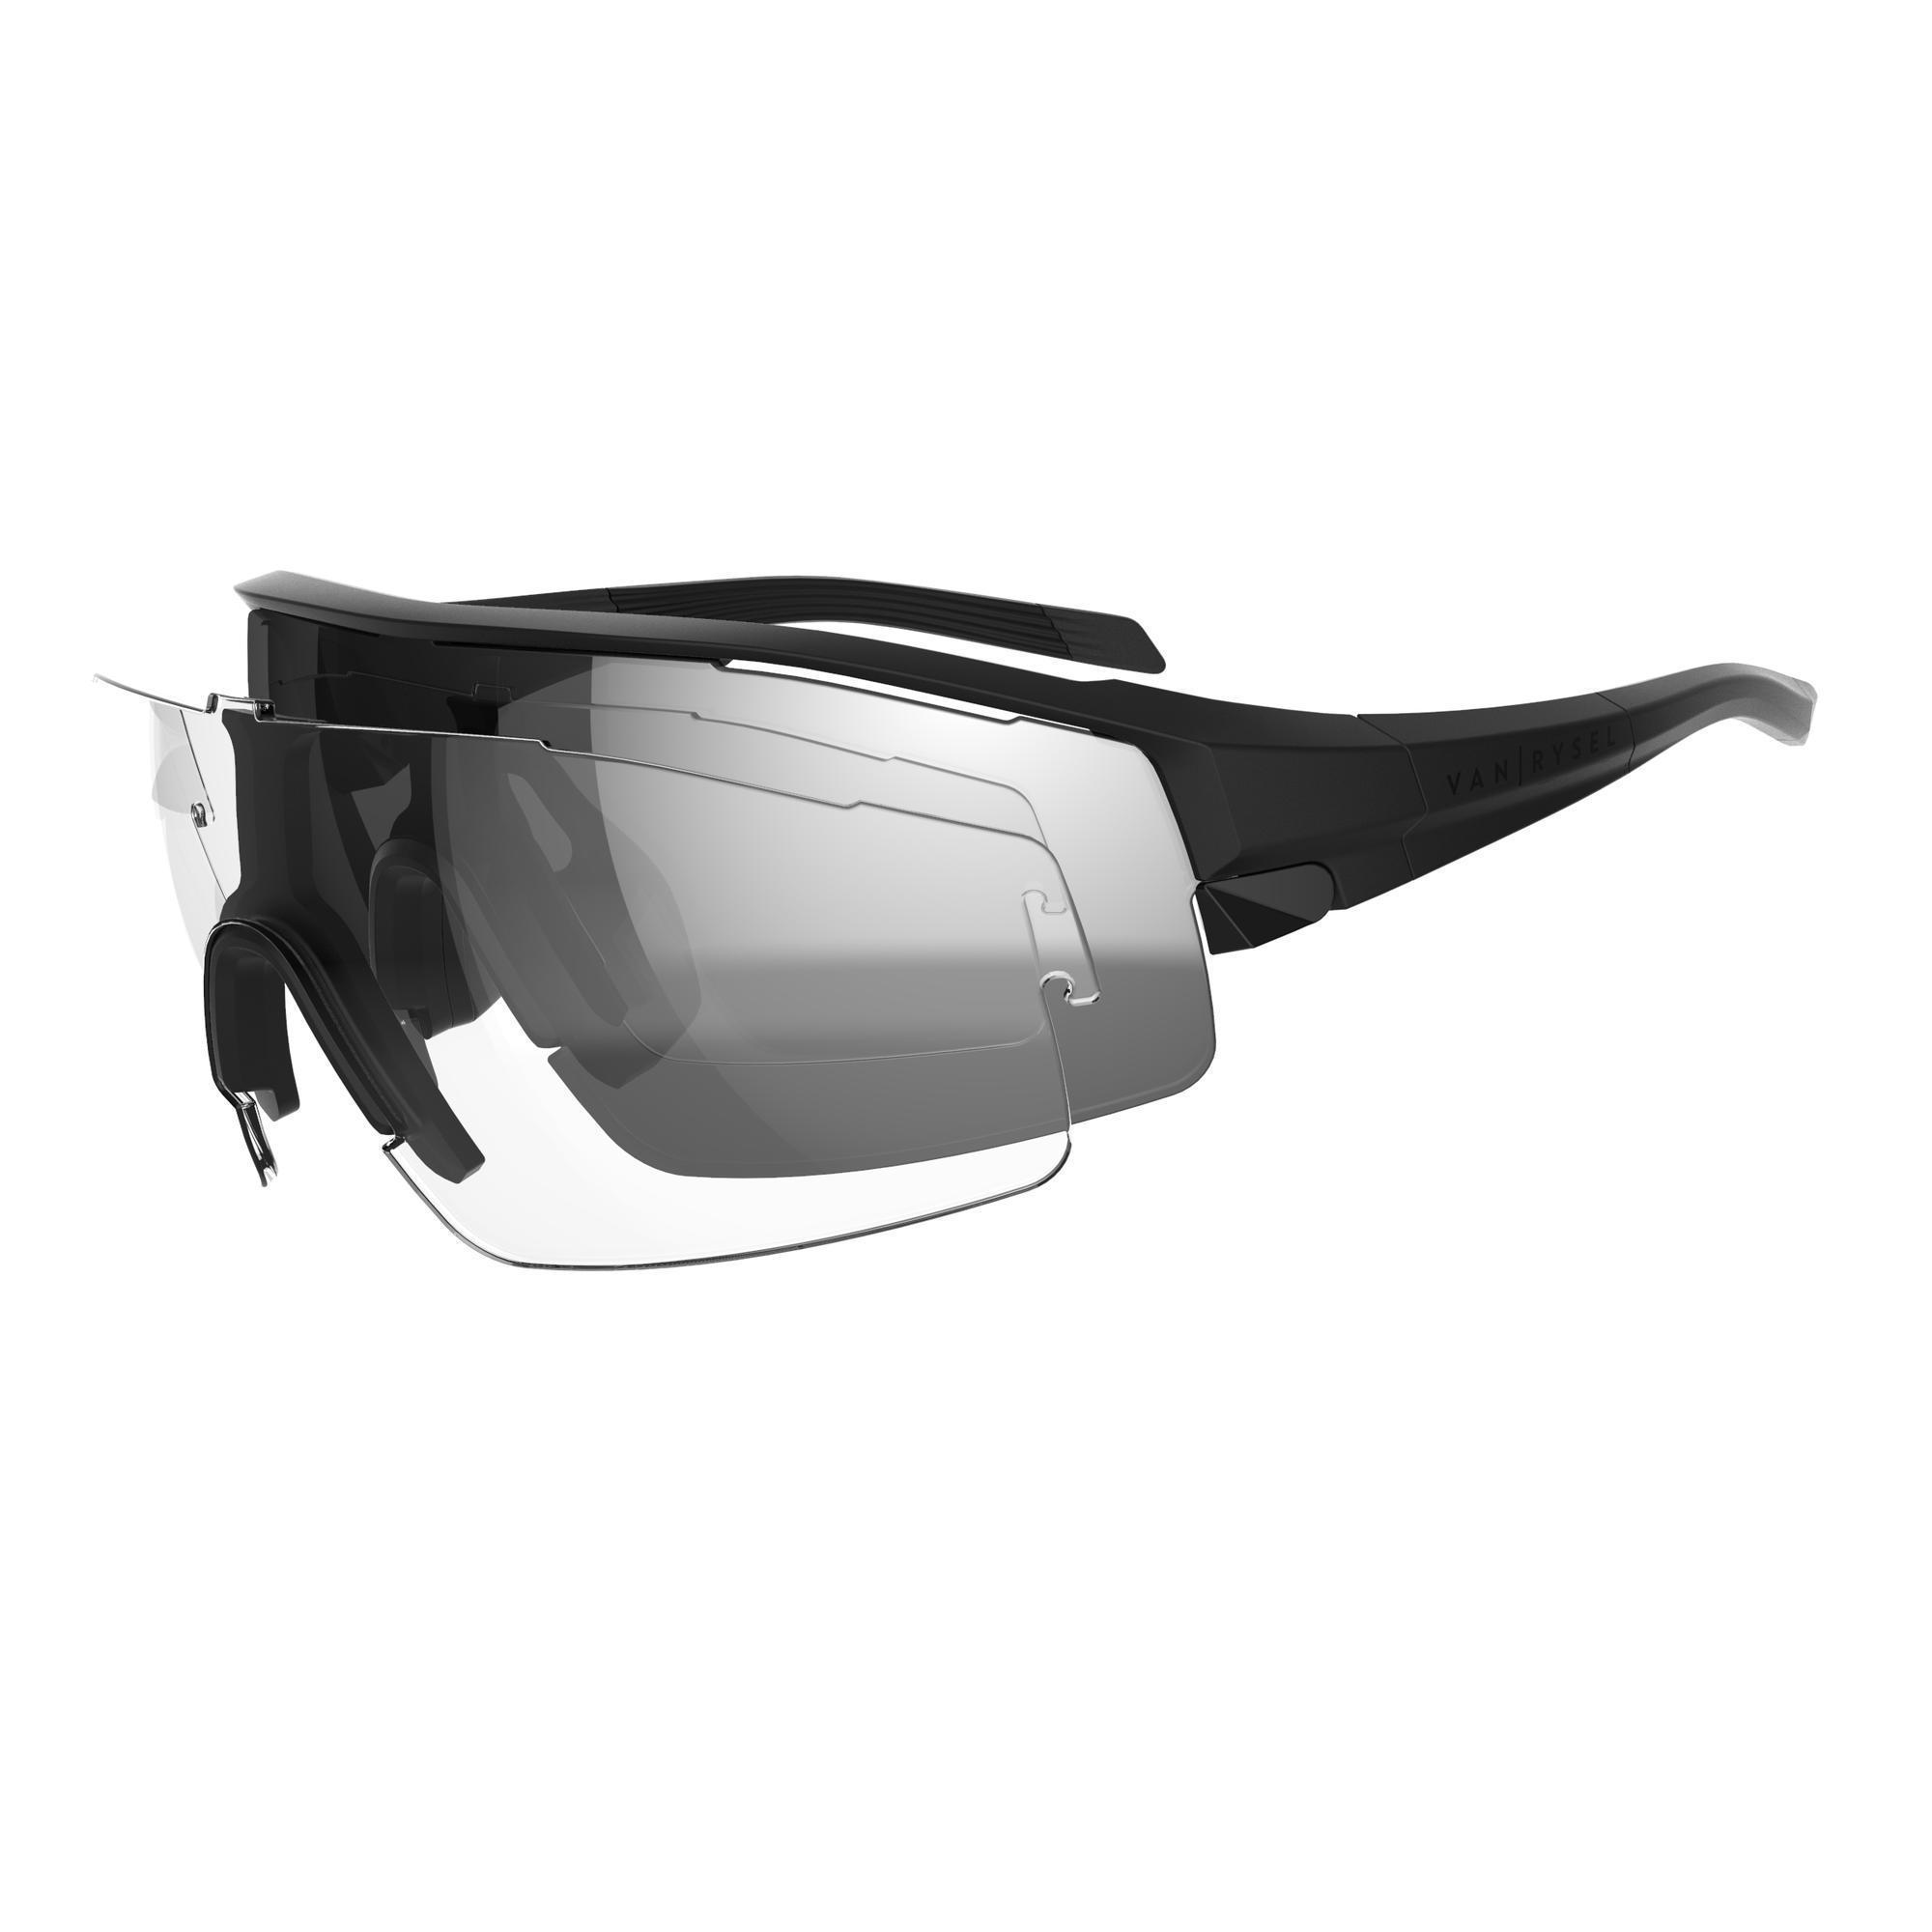 Van rysel Fietsbril volwassene Roadr 900 kopen? Sport>Sportbrillen>Zonnebrillen met voordeel vind je hier